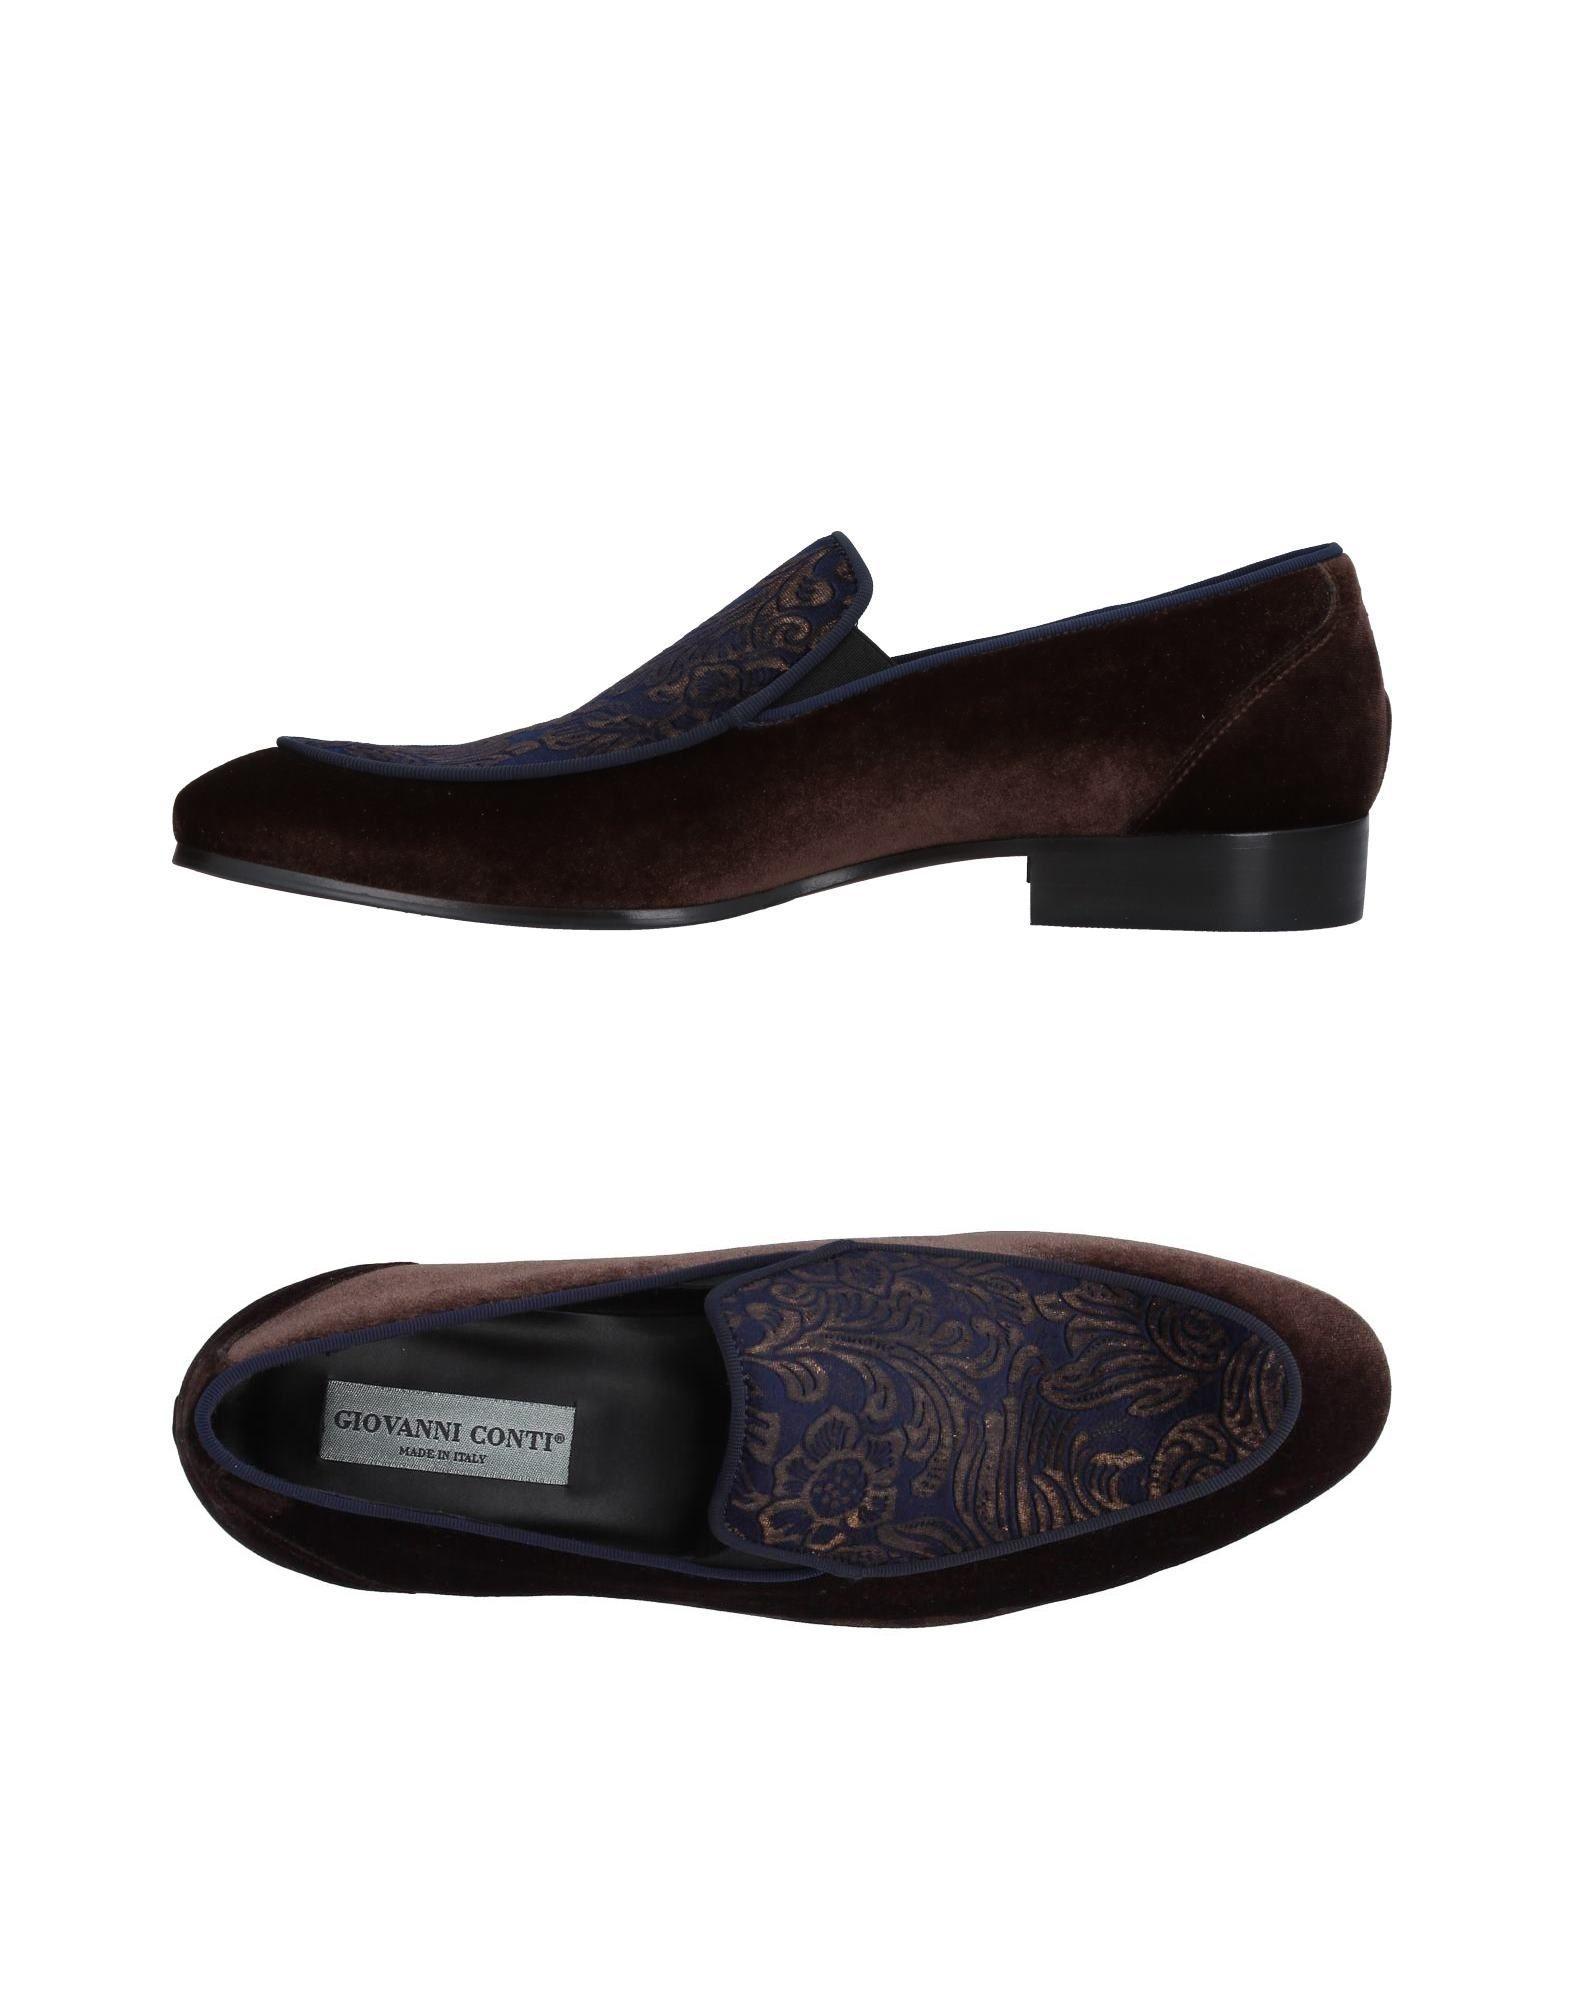 Giovanni Conti Mokassins Herren  11412883JM Gute Qualität beliebte Schuhe